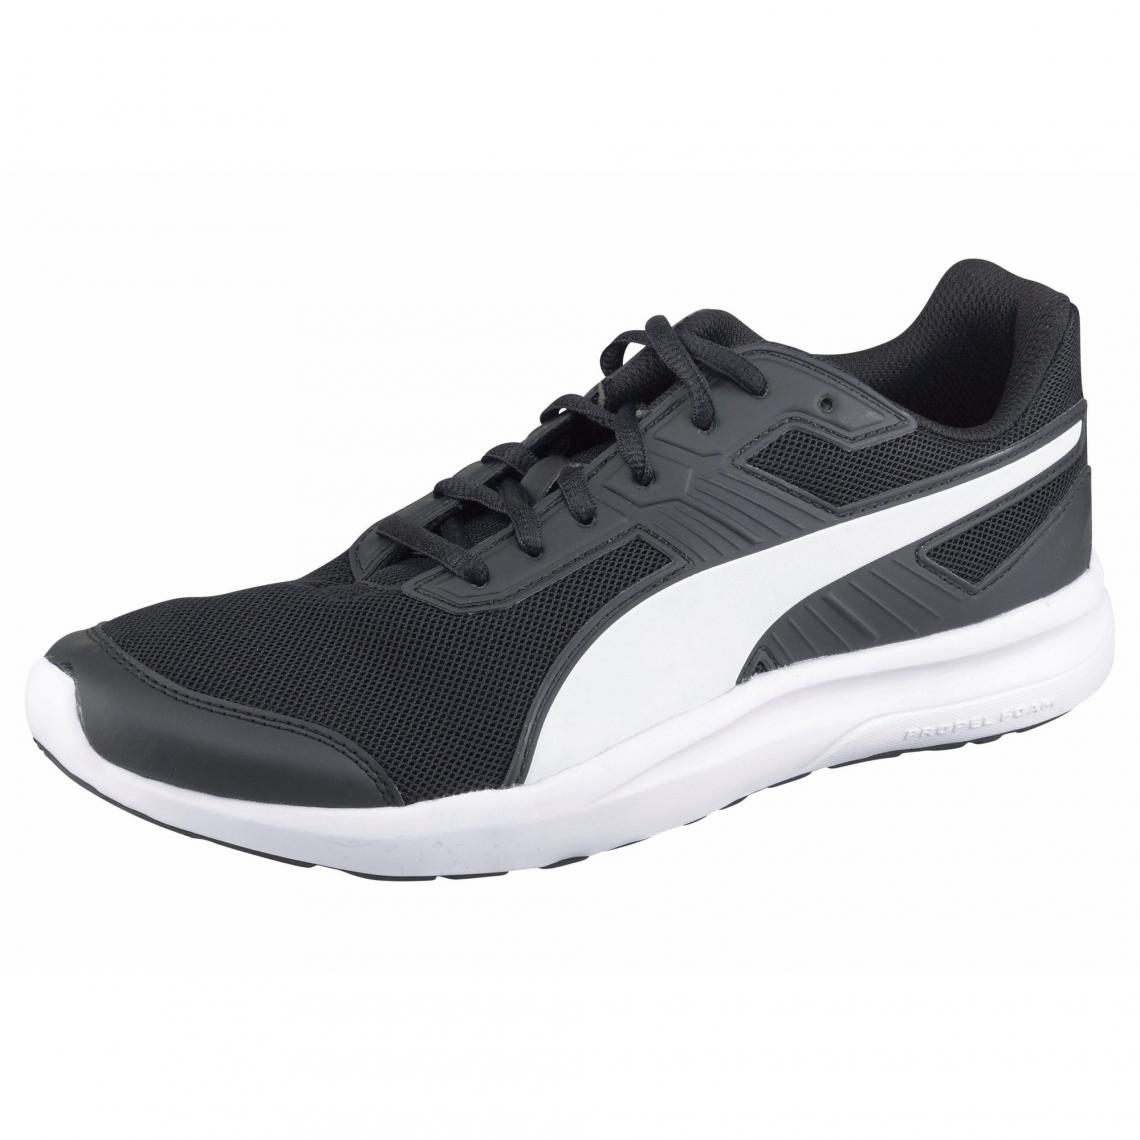 Chaussures Blanc3 Homme Sport Puma Escaper Suisses Mesh Noir De ebDIYWH29E